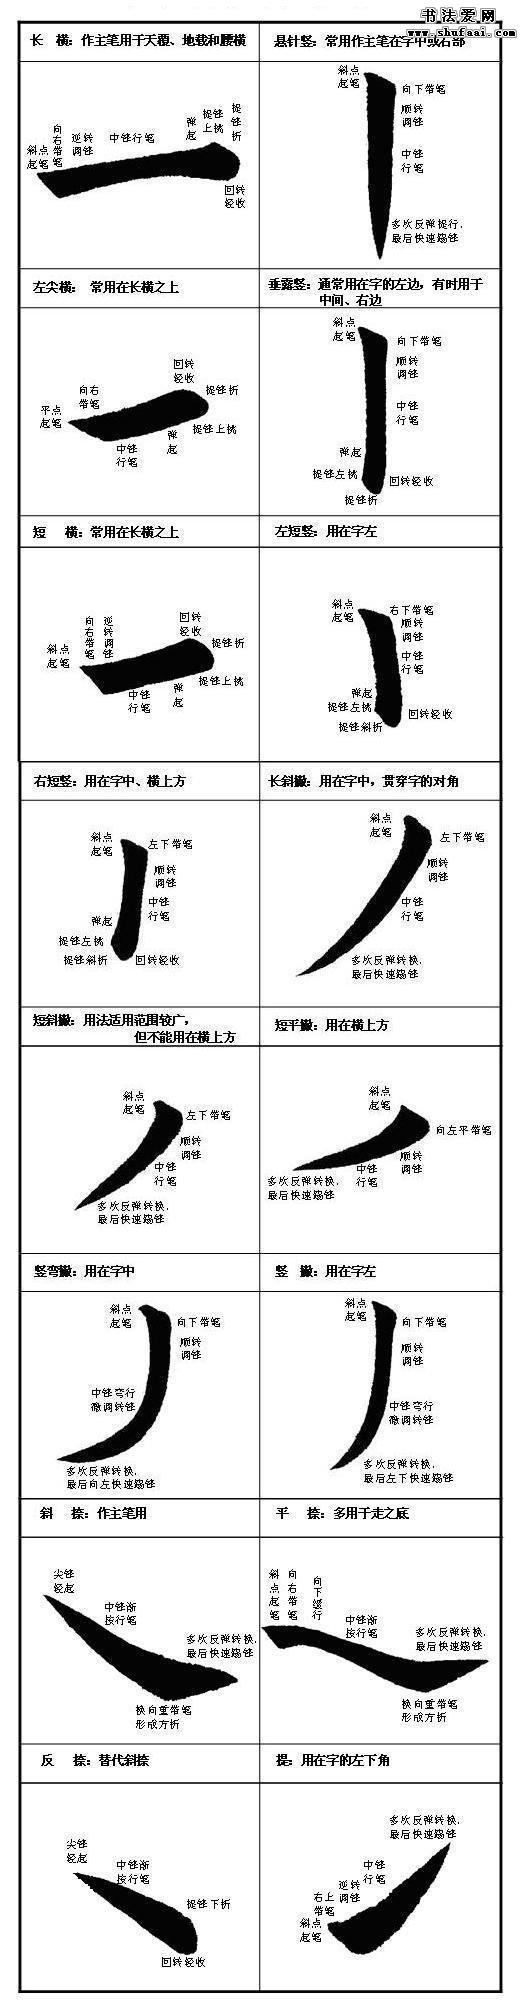 附:楷书笔画书写示范及用法